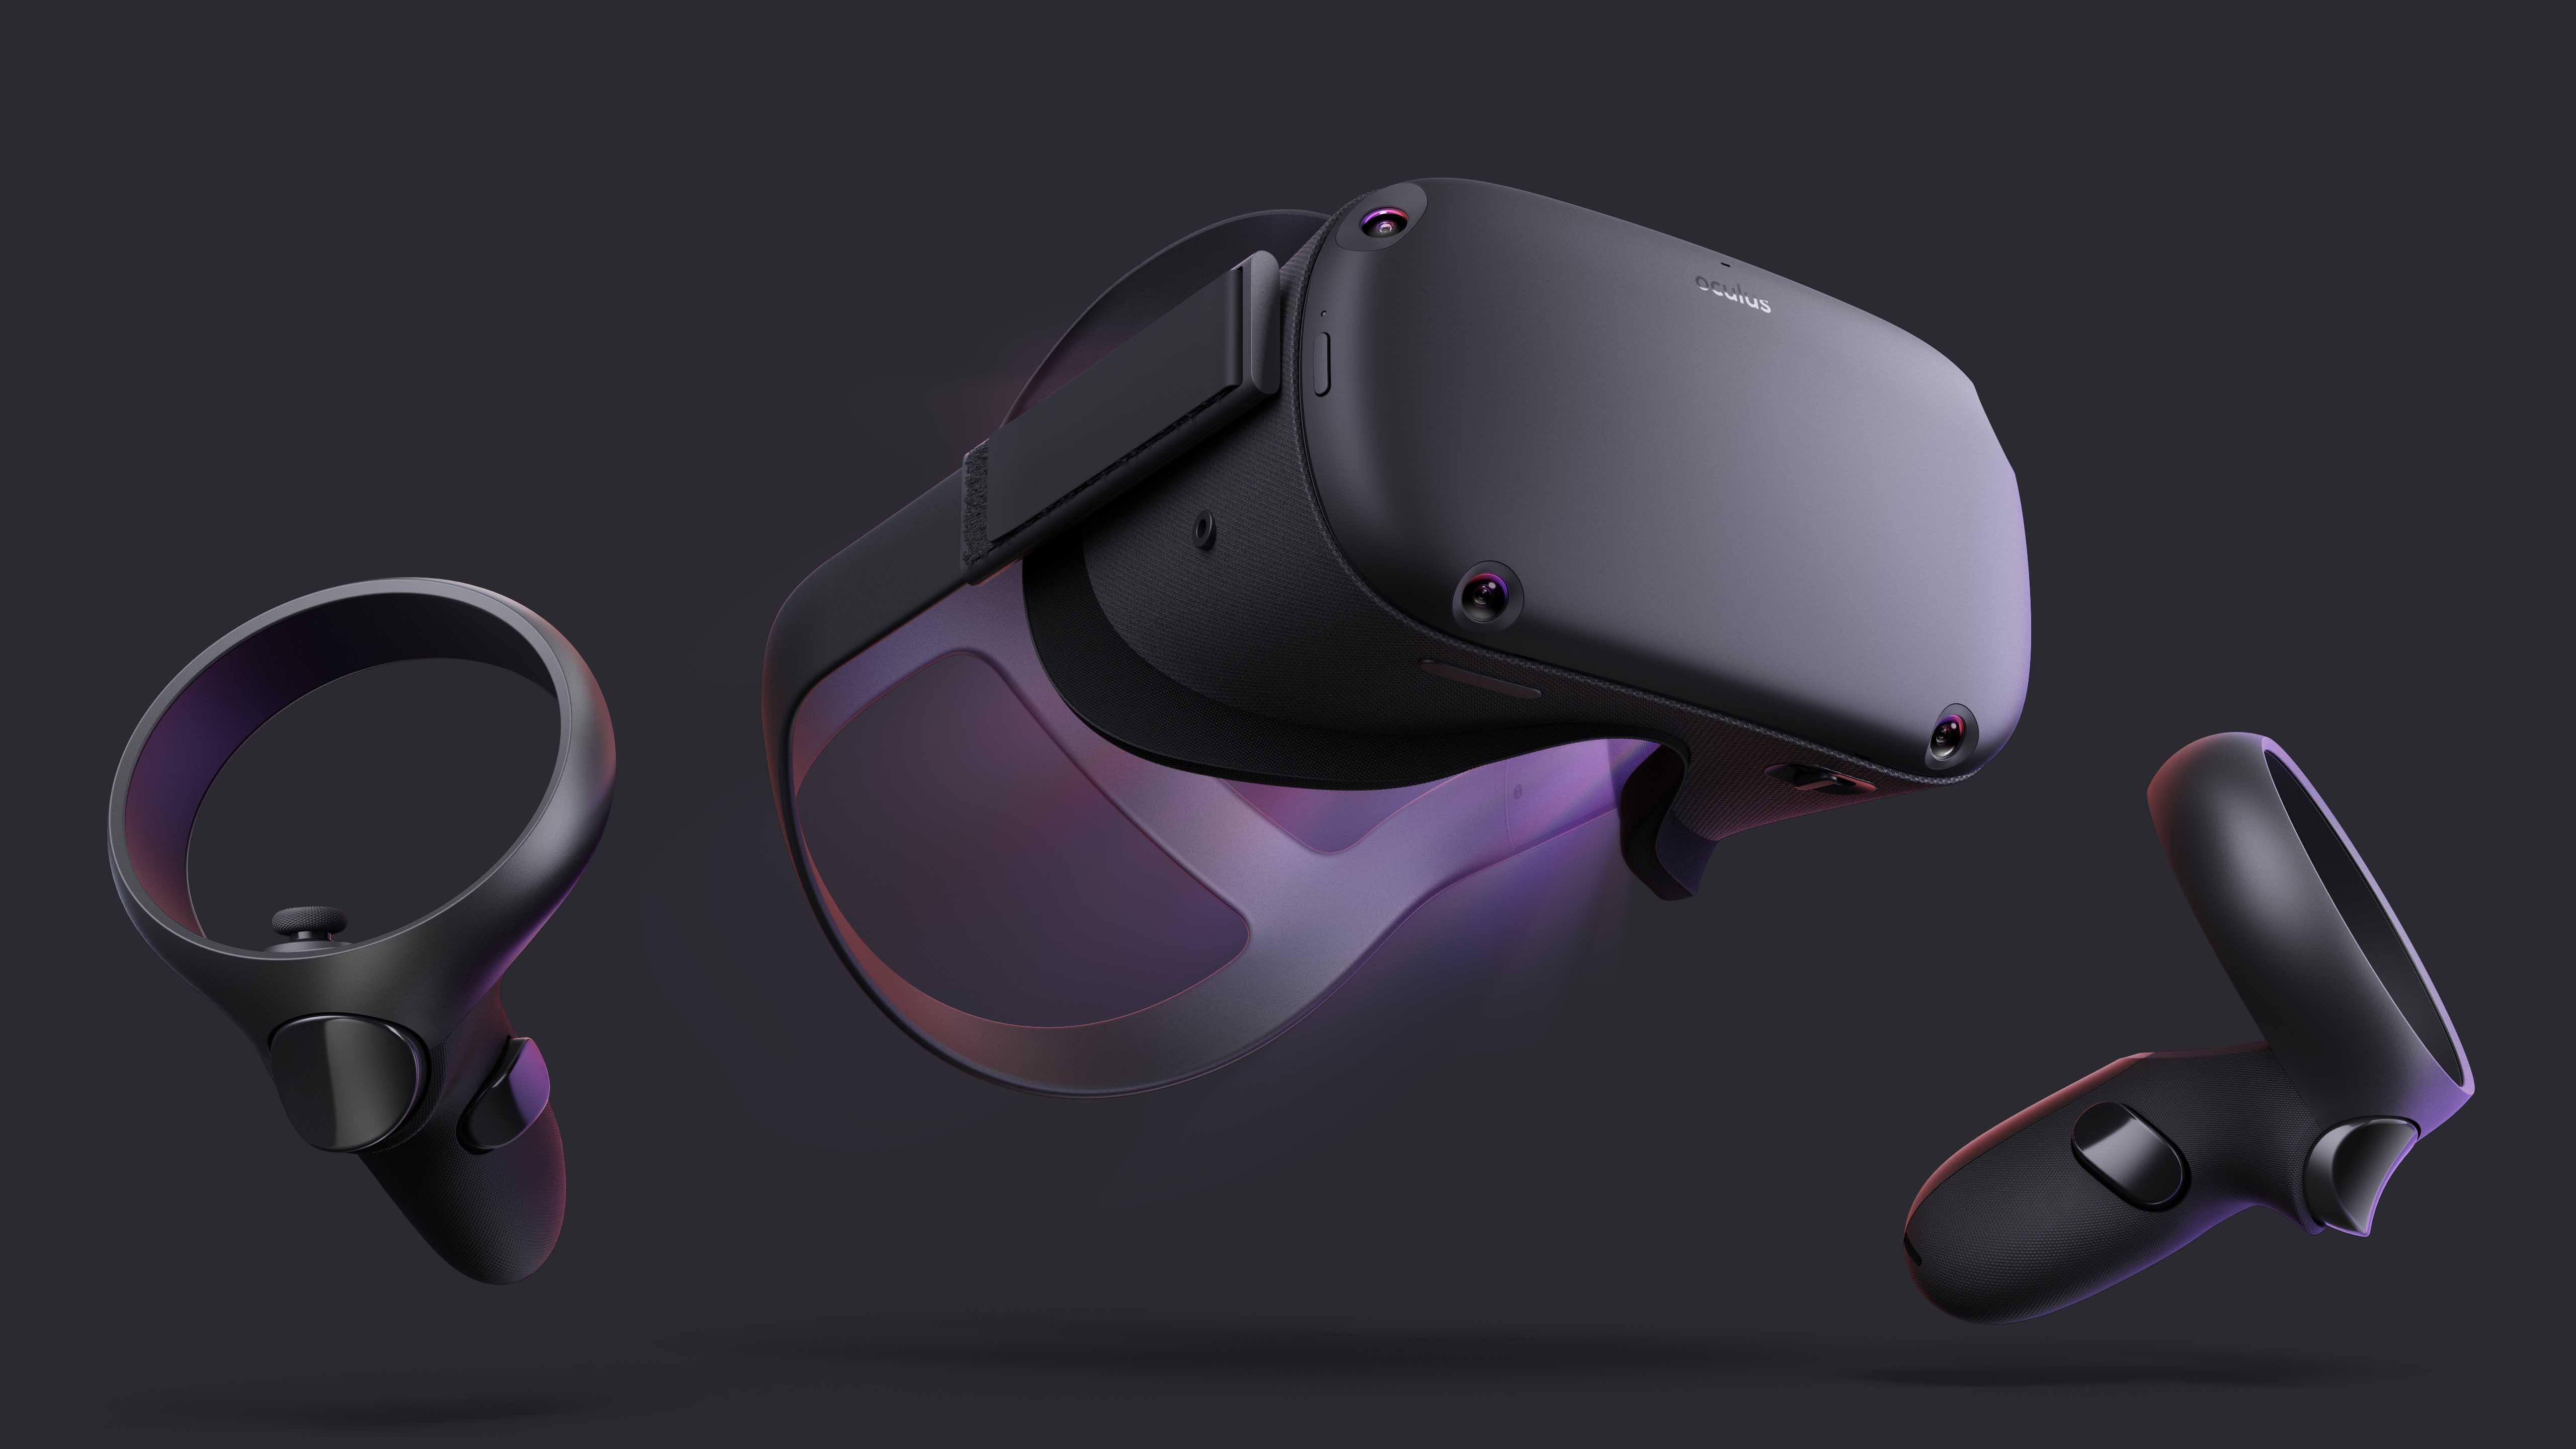 Oculus quest casque vr autonome pour entreprises